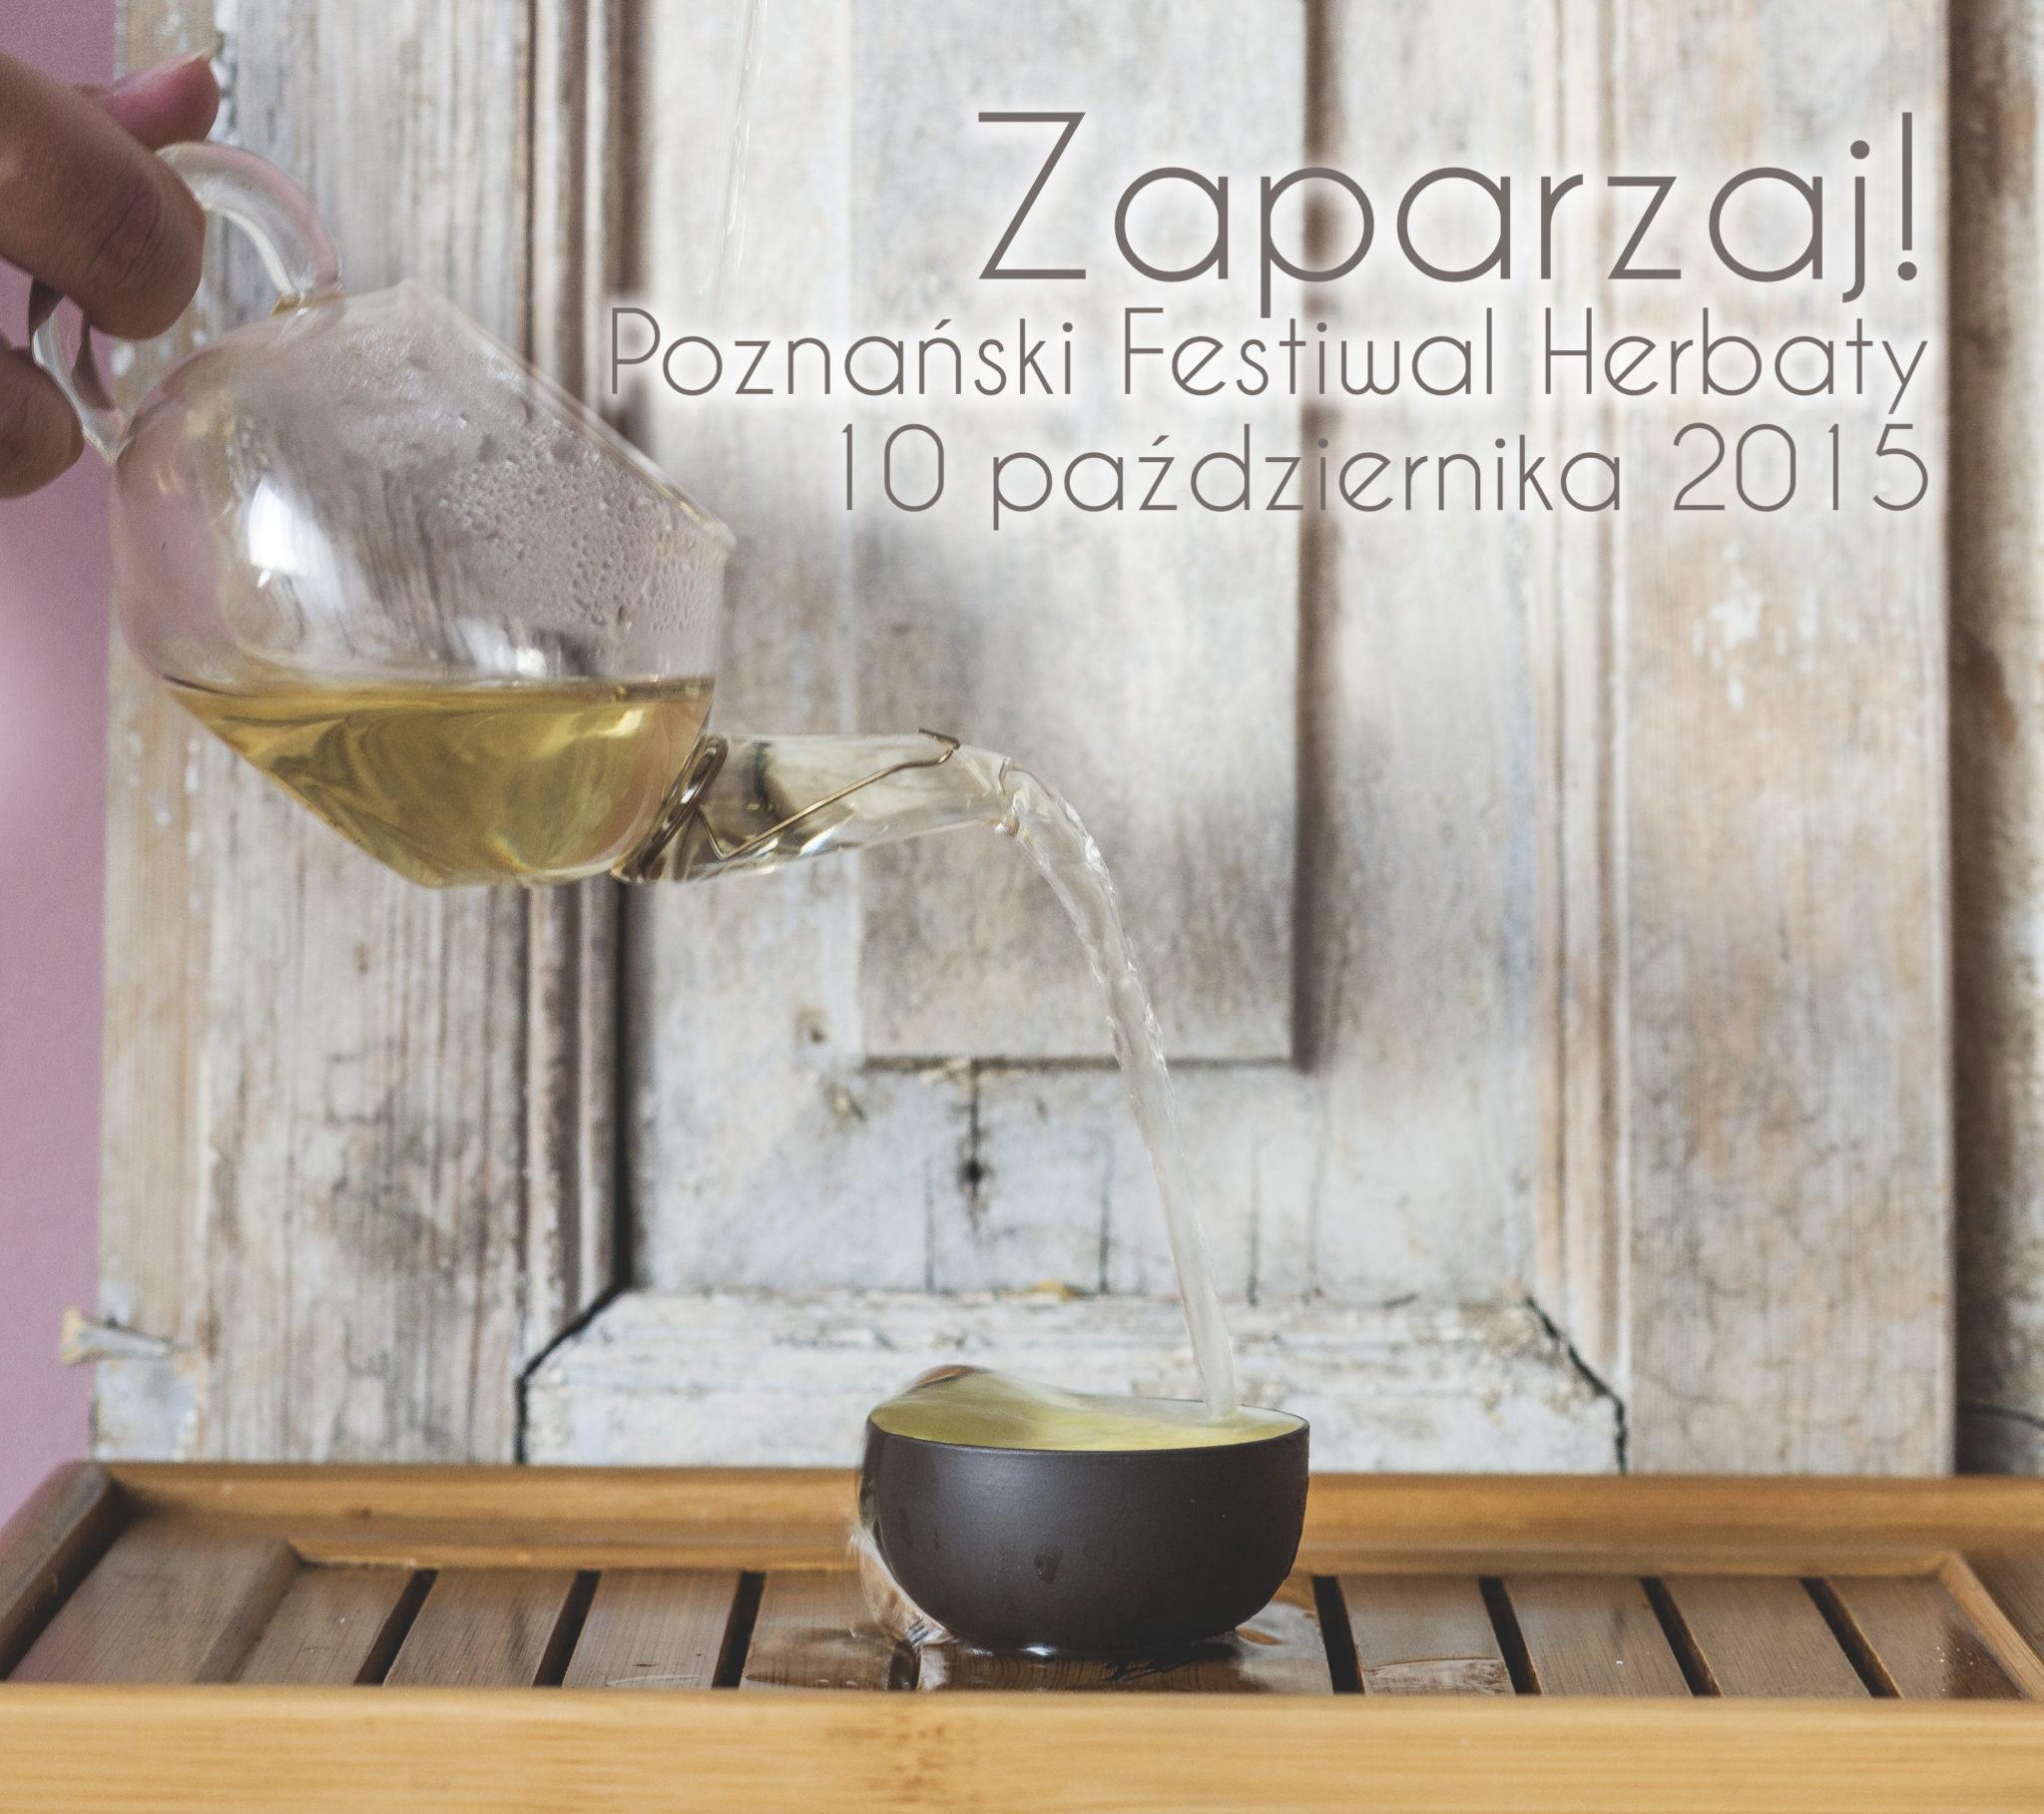 Zaparzaj! 2015 Poznański Festiwal Herbaty